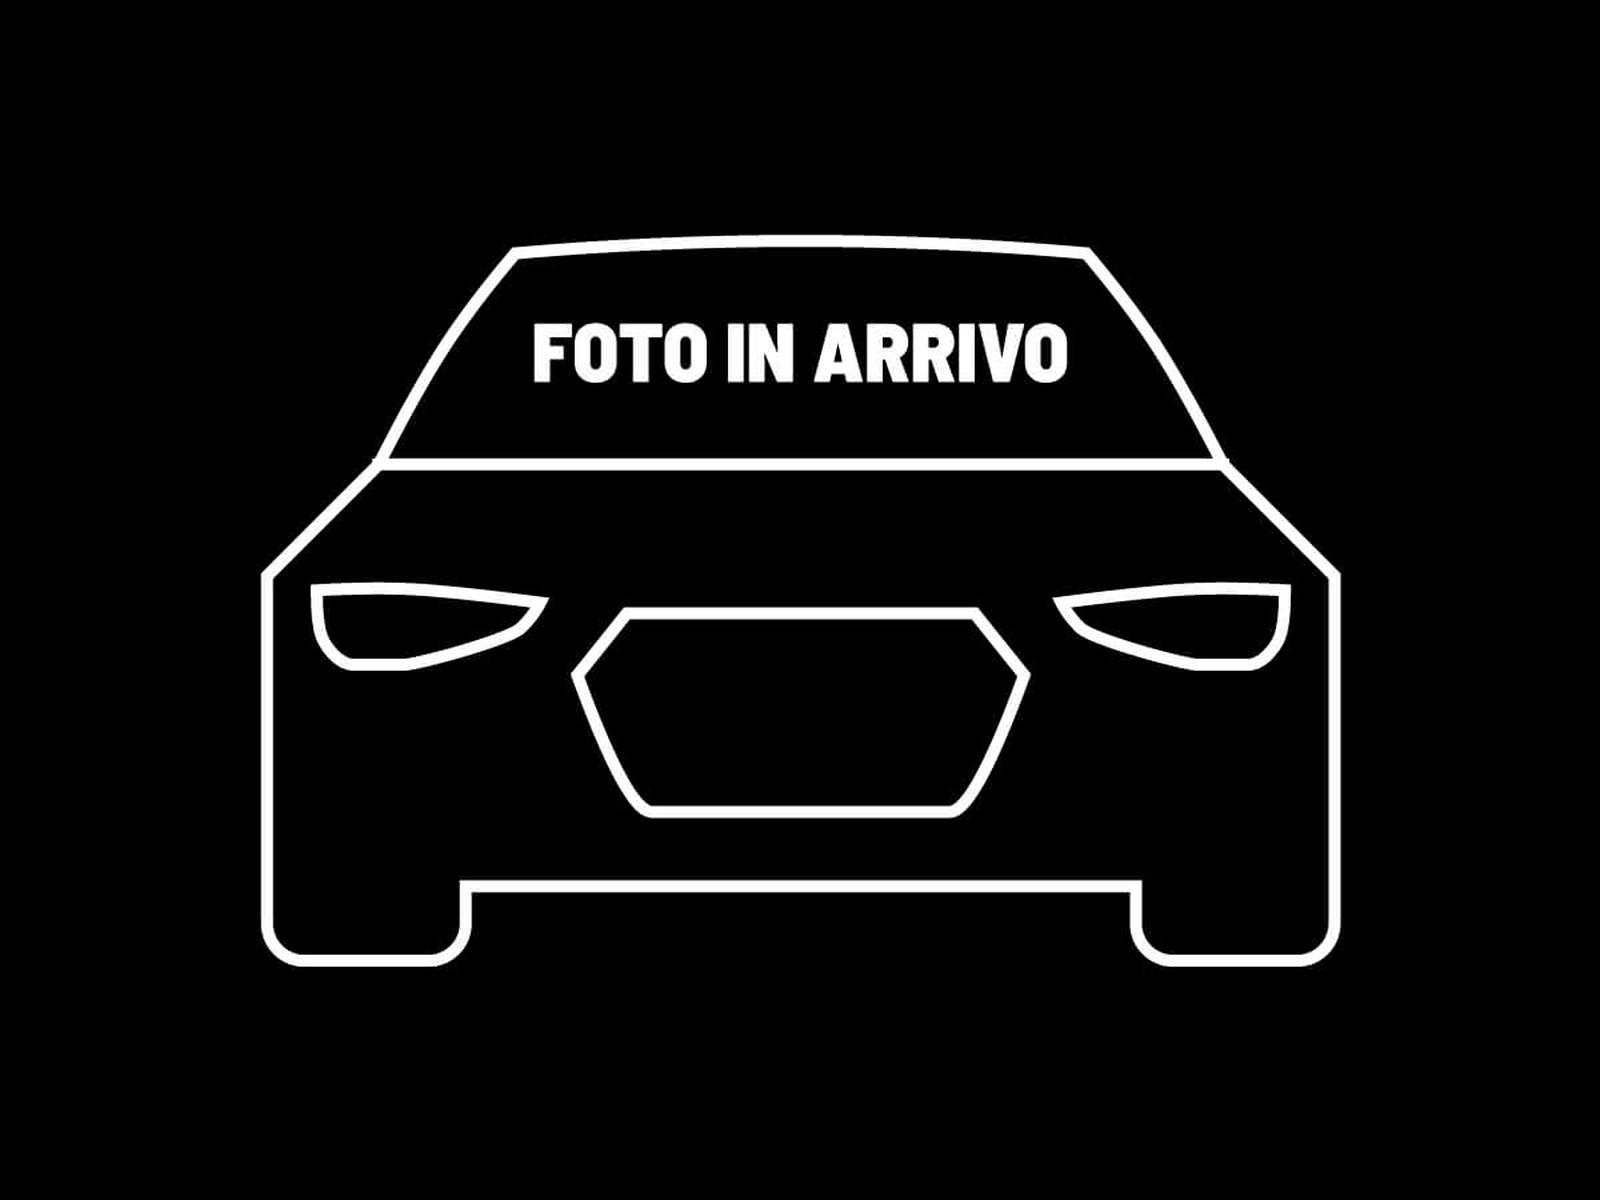 Argento cromato A2 TDI Scritta Emblema Badge per baule posteriore A2 modella